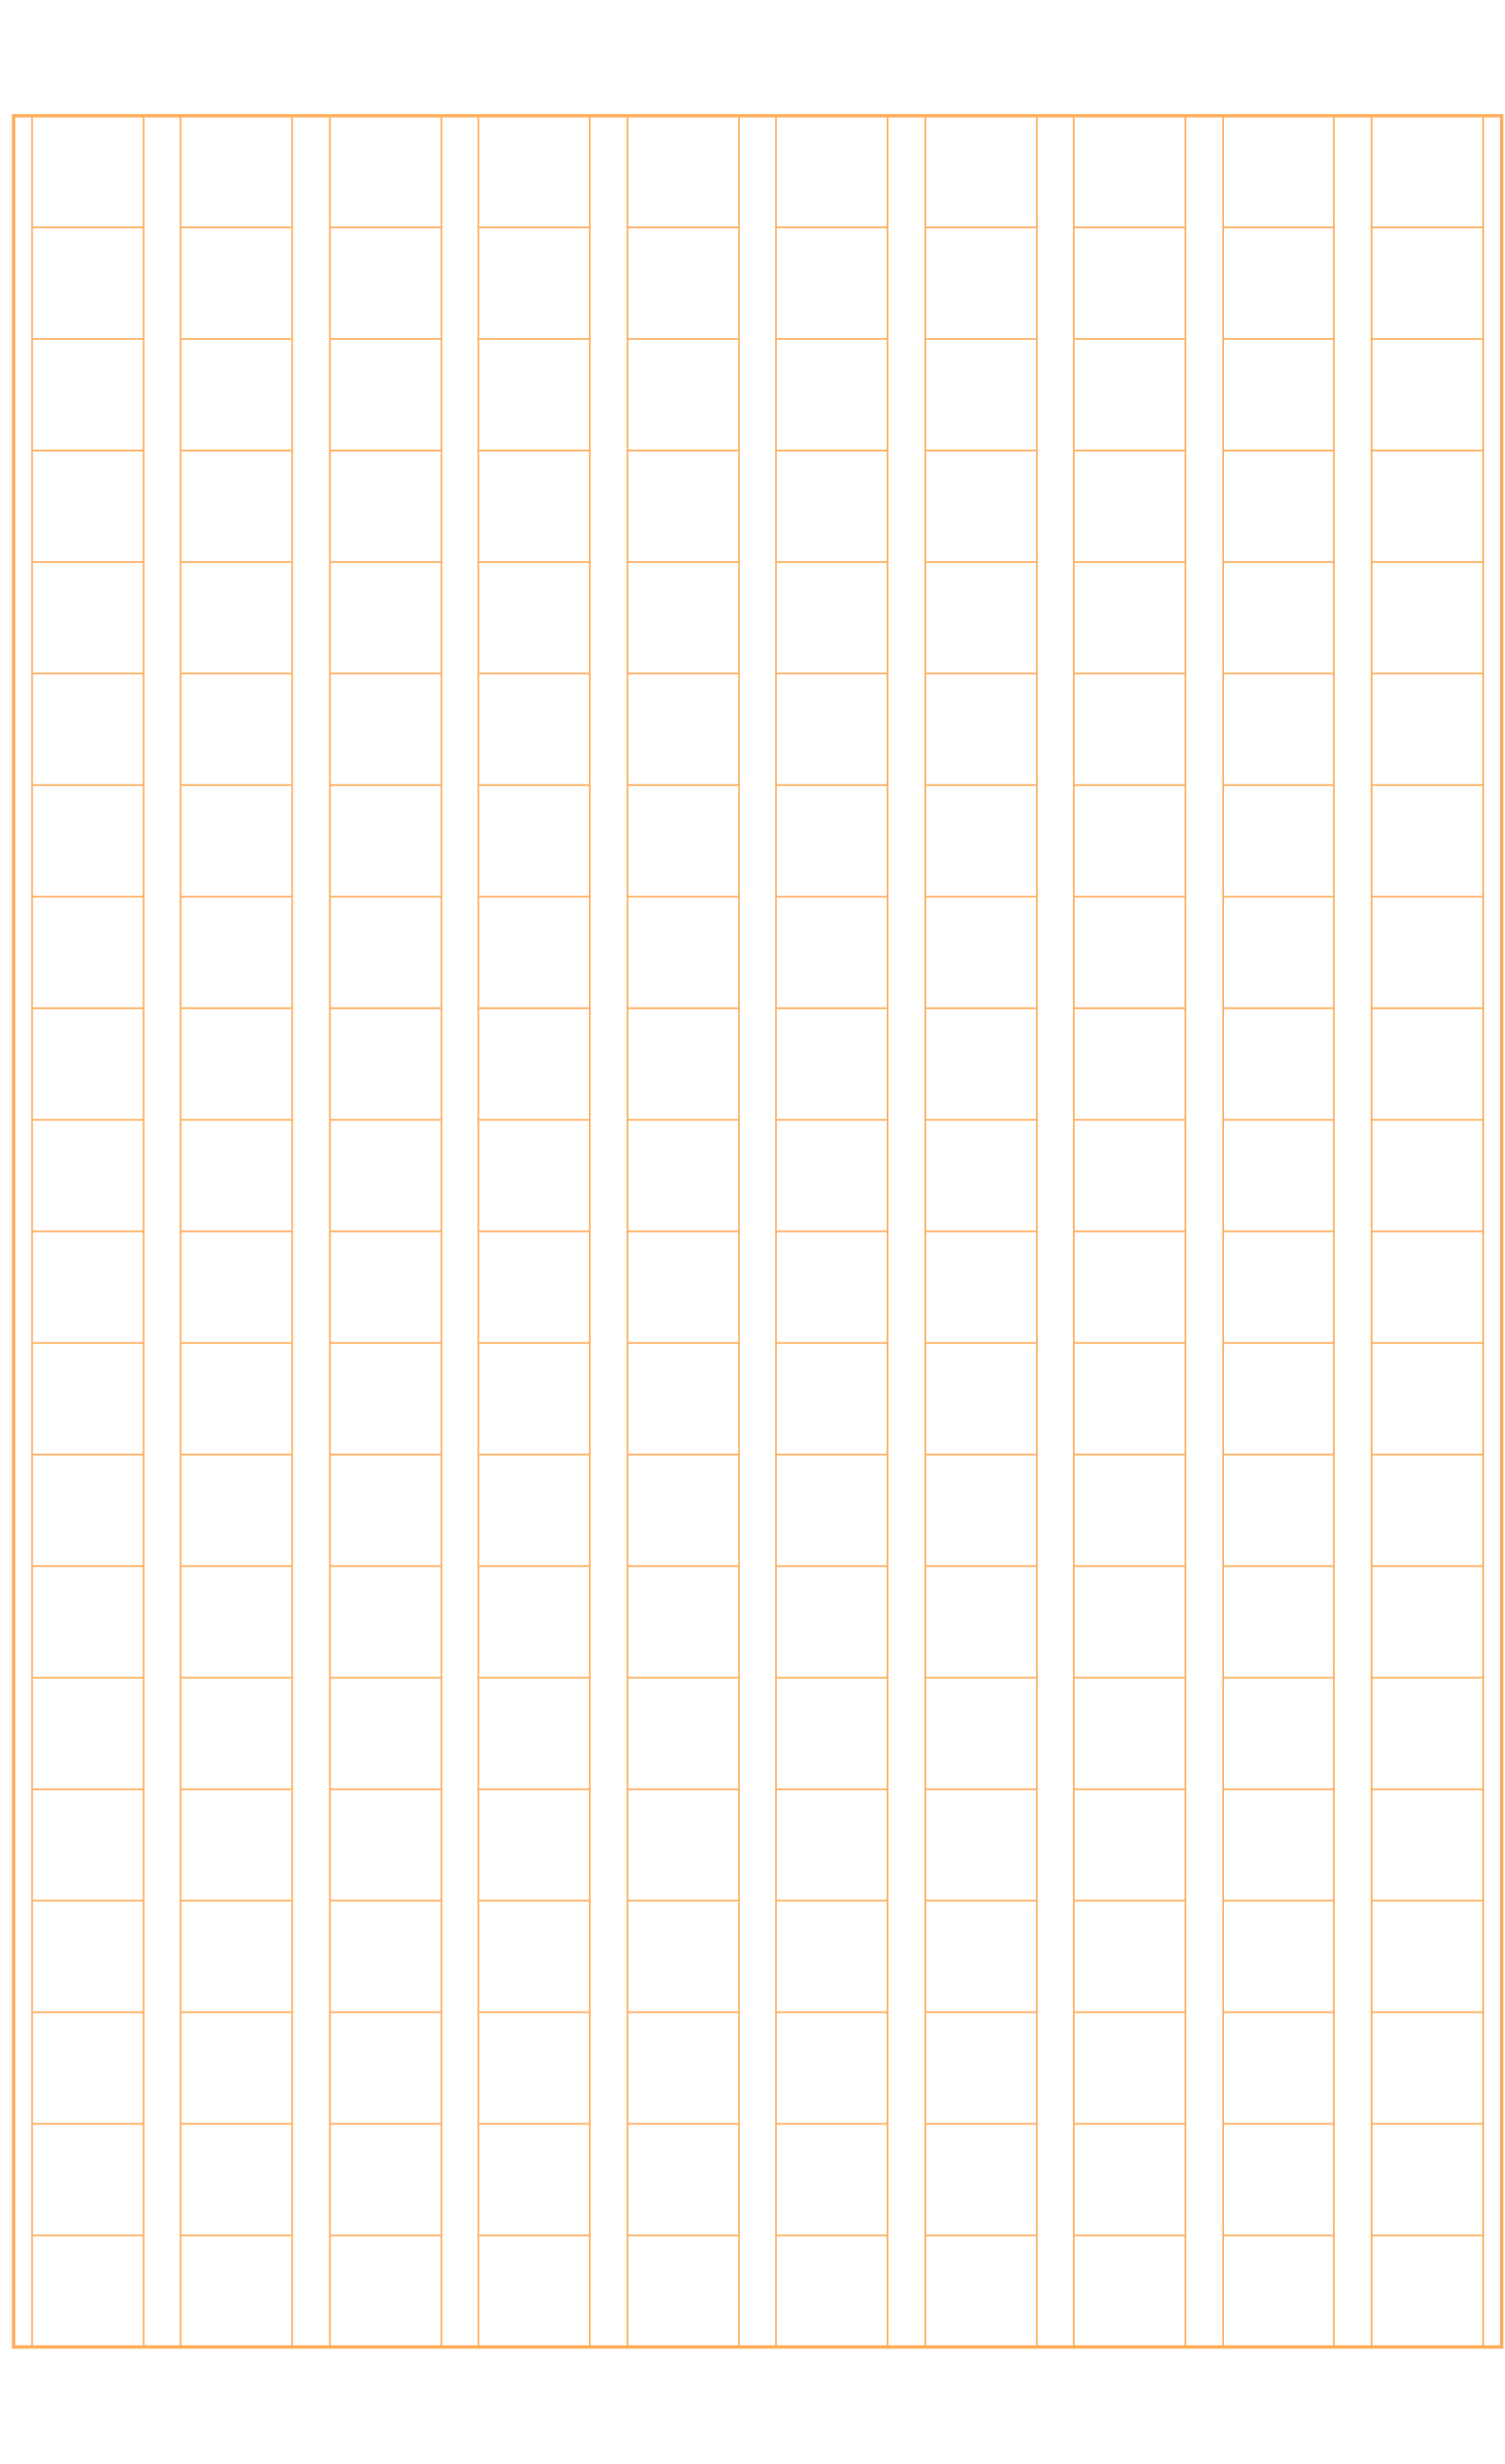 原稿用紙(200字縦書きB5縦)